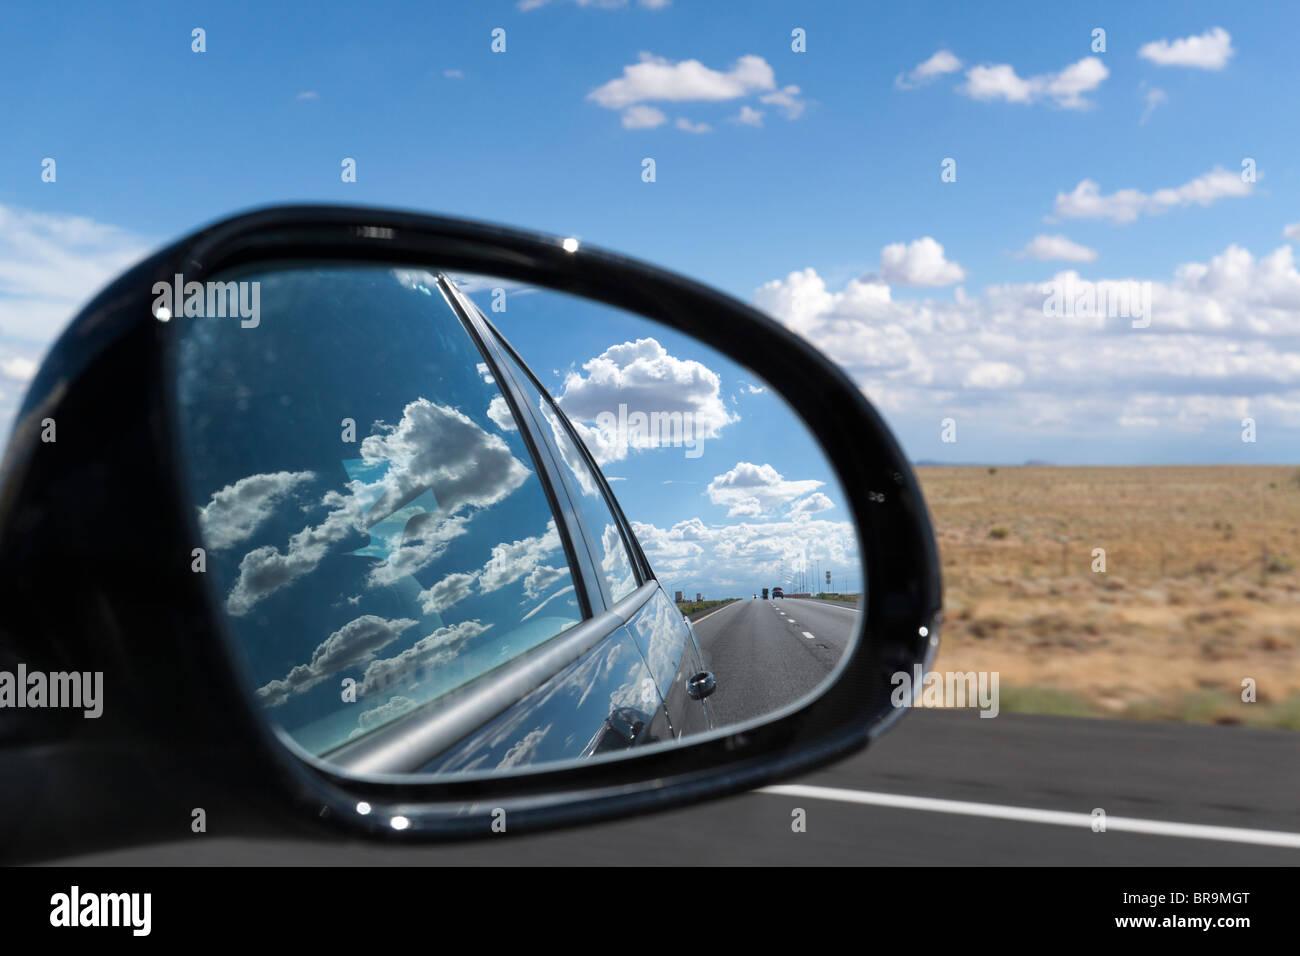 Vue latérale montrant des rétroviseurs de voitures sur les routes et les nuages reflétant sur le Photo Stock